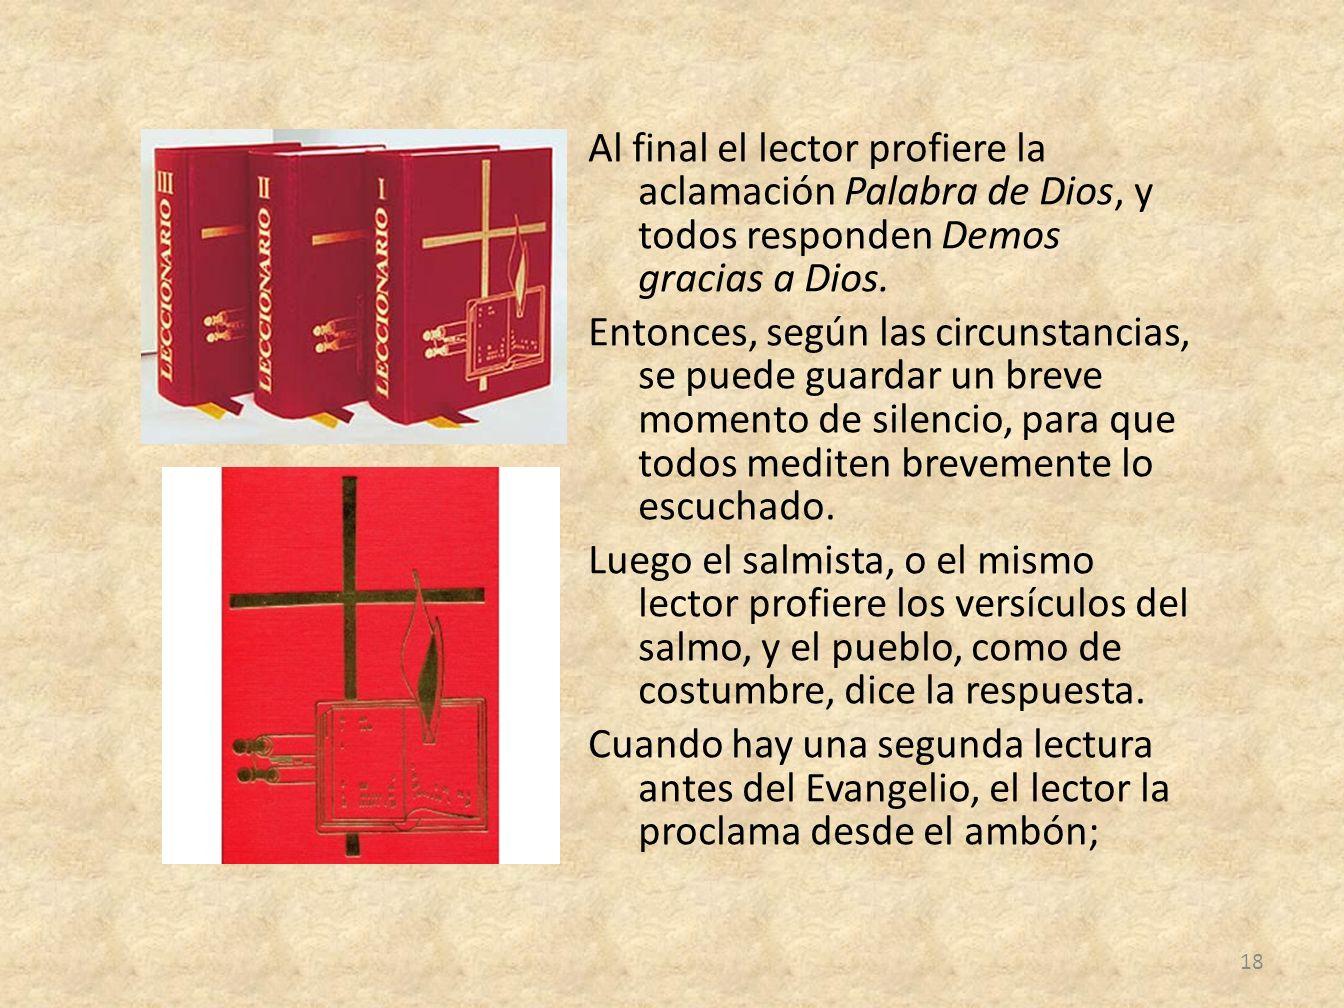 Al final el lector profiere la aclamación Palabra de Dios, y todos responden Demos gracias a Dios.